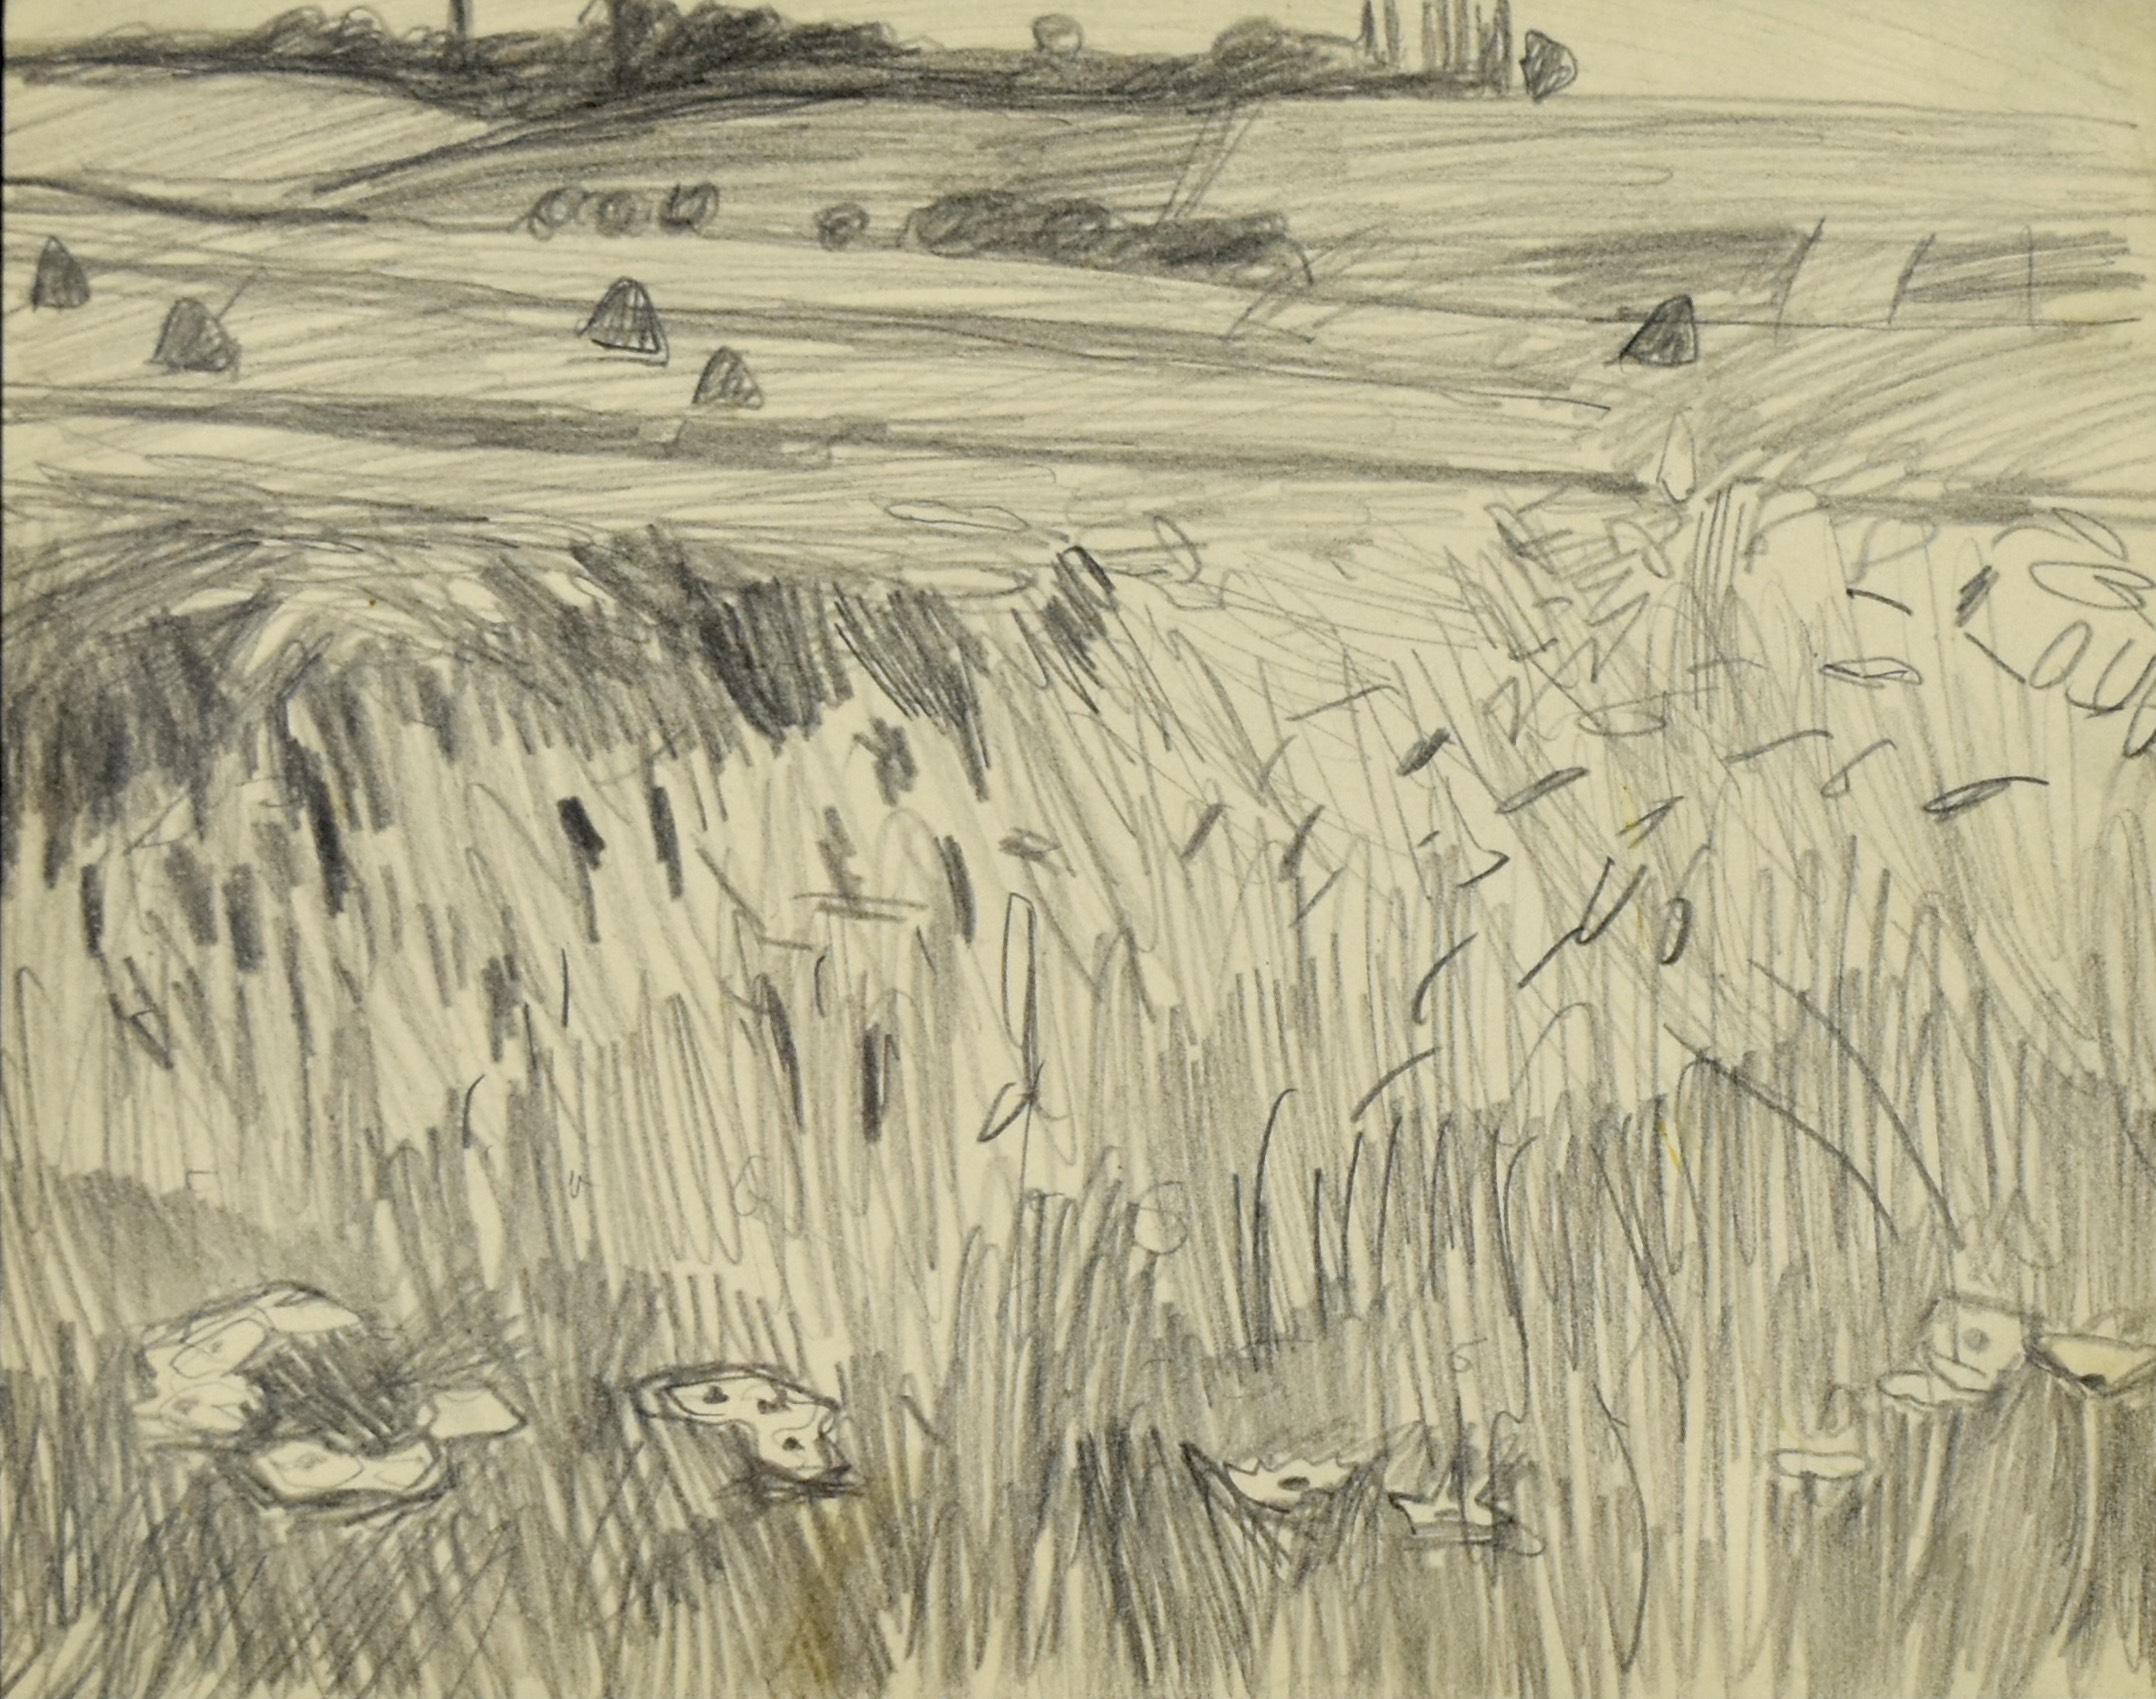 Podkrakowskie pola, ok. 1908